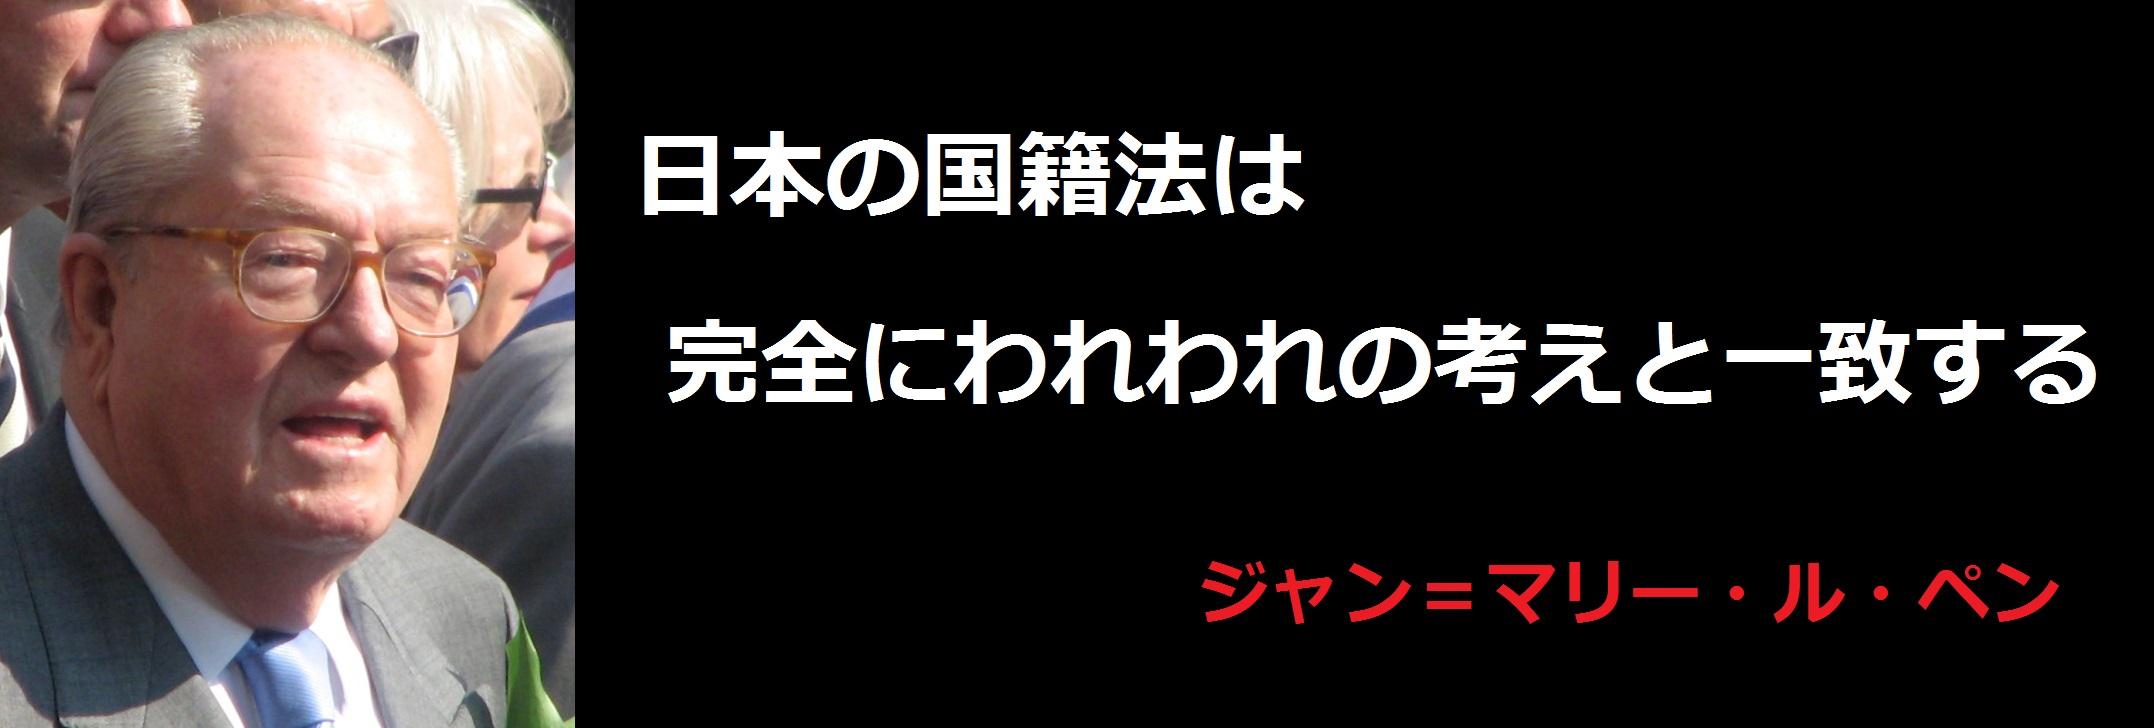 f:id:JAPbuster:20170210215655j:plain